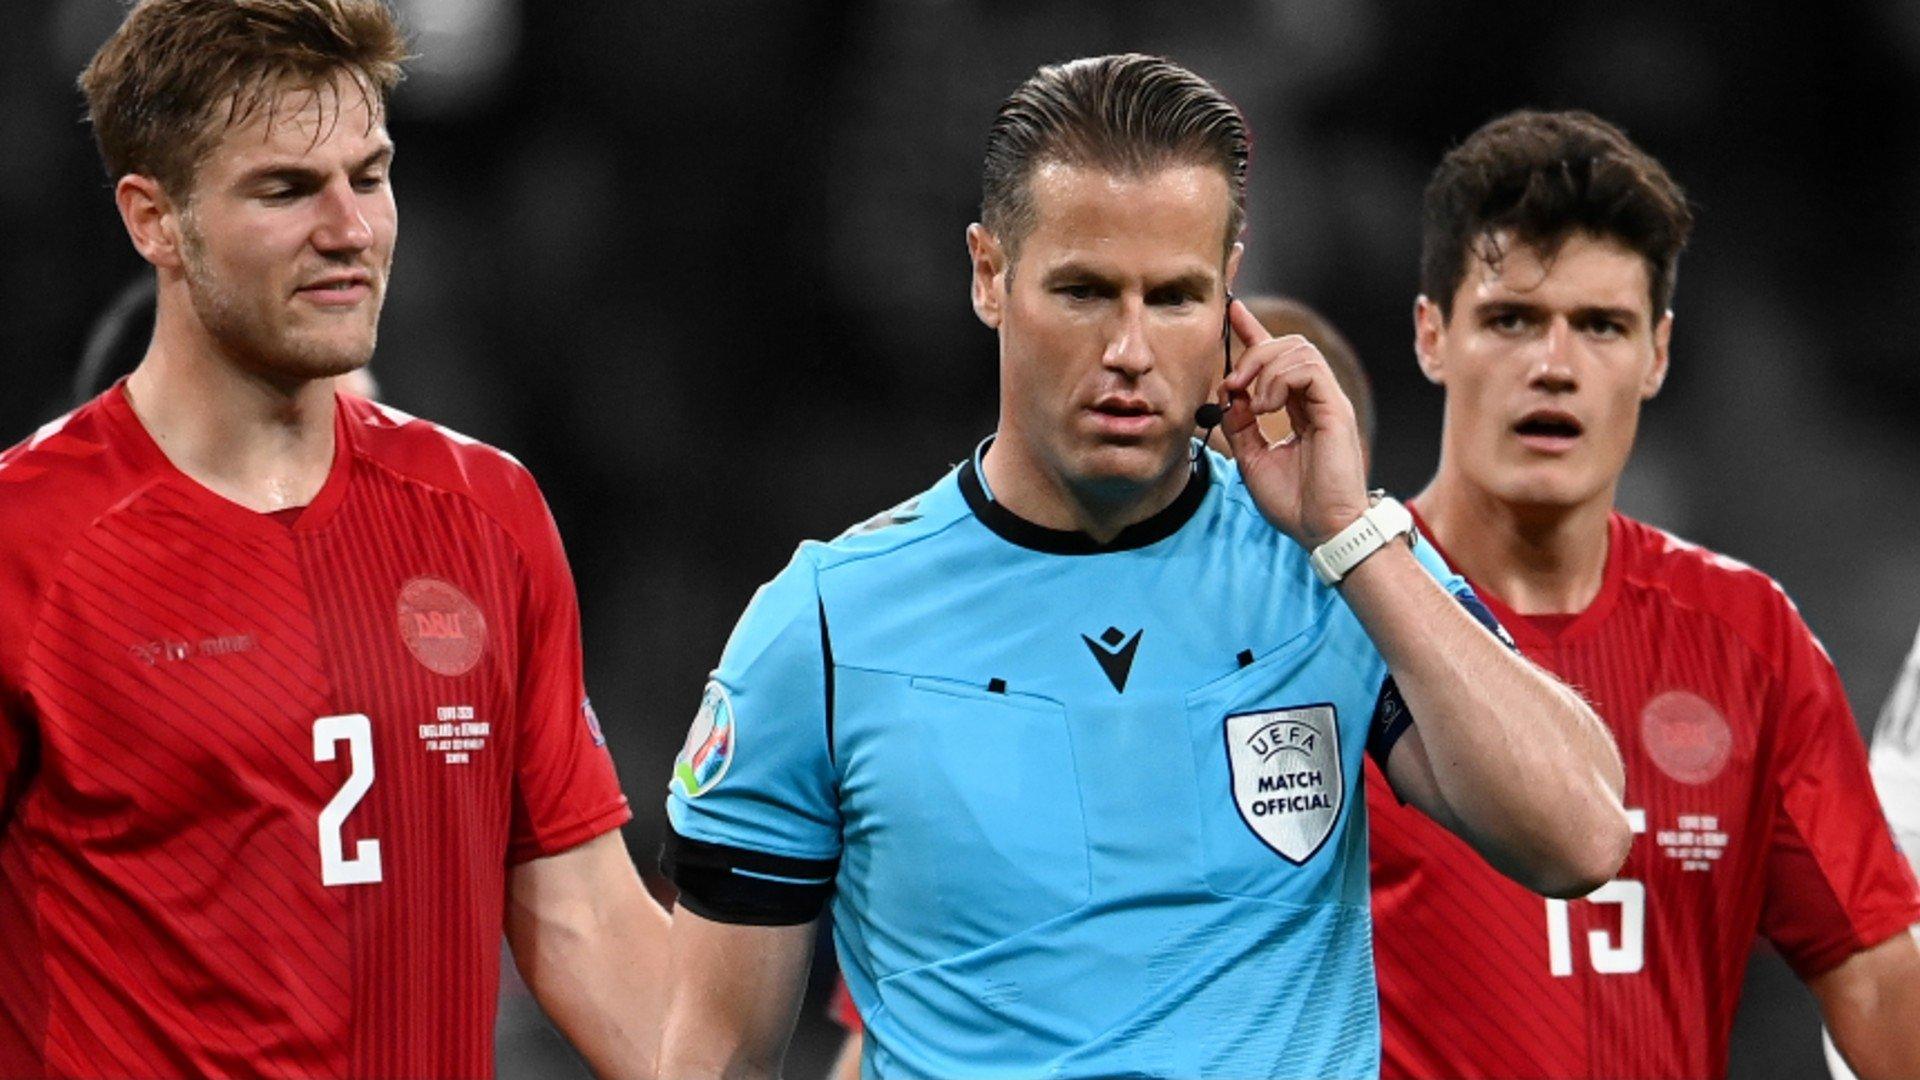 Makkelie bỏ qua việc tham khảo VAR và kiên quyết thổi phạt đền bất chấp sự phản đối của các cầu thủ Đan Mạch. Ảnh: PA